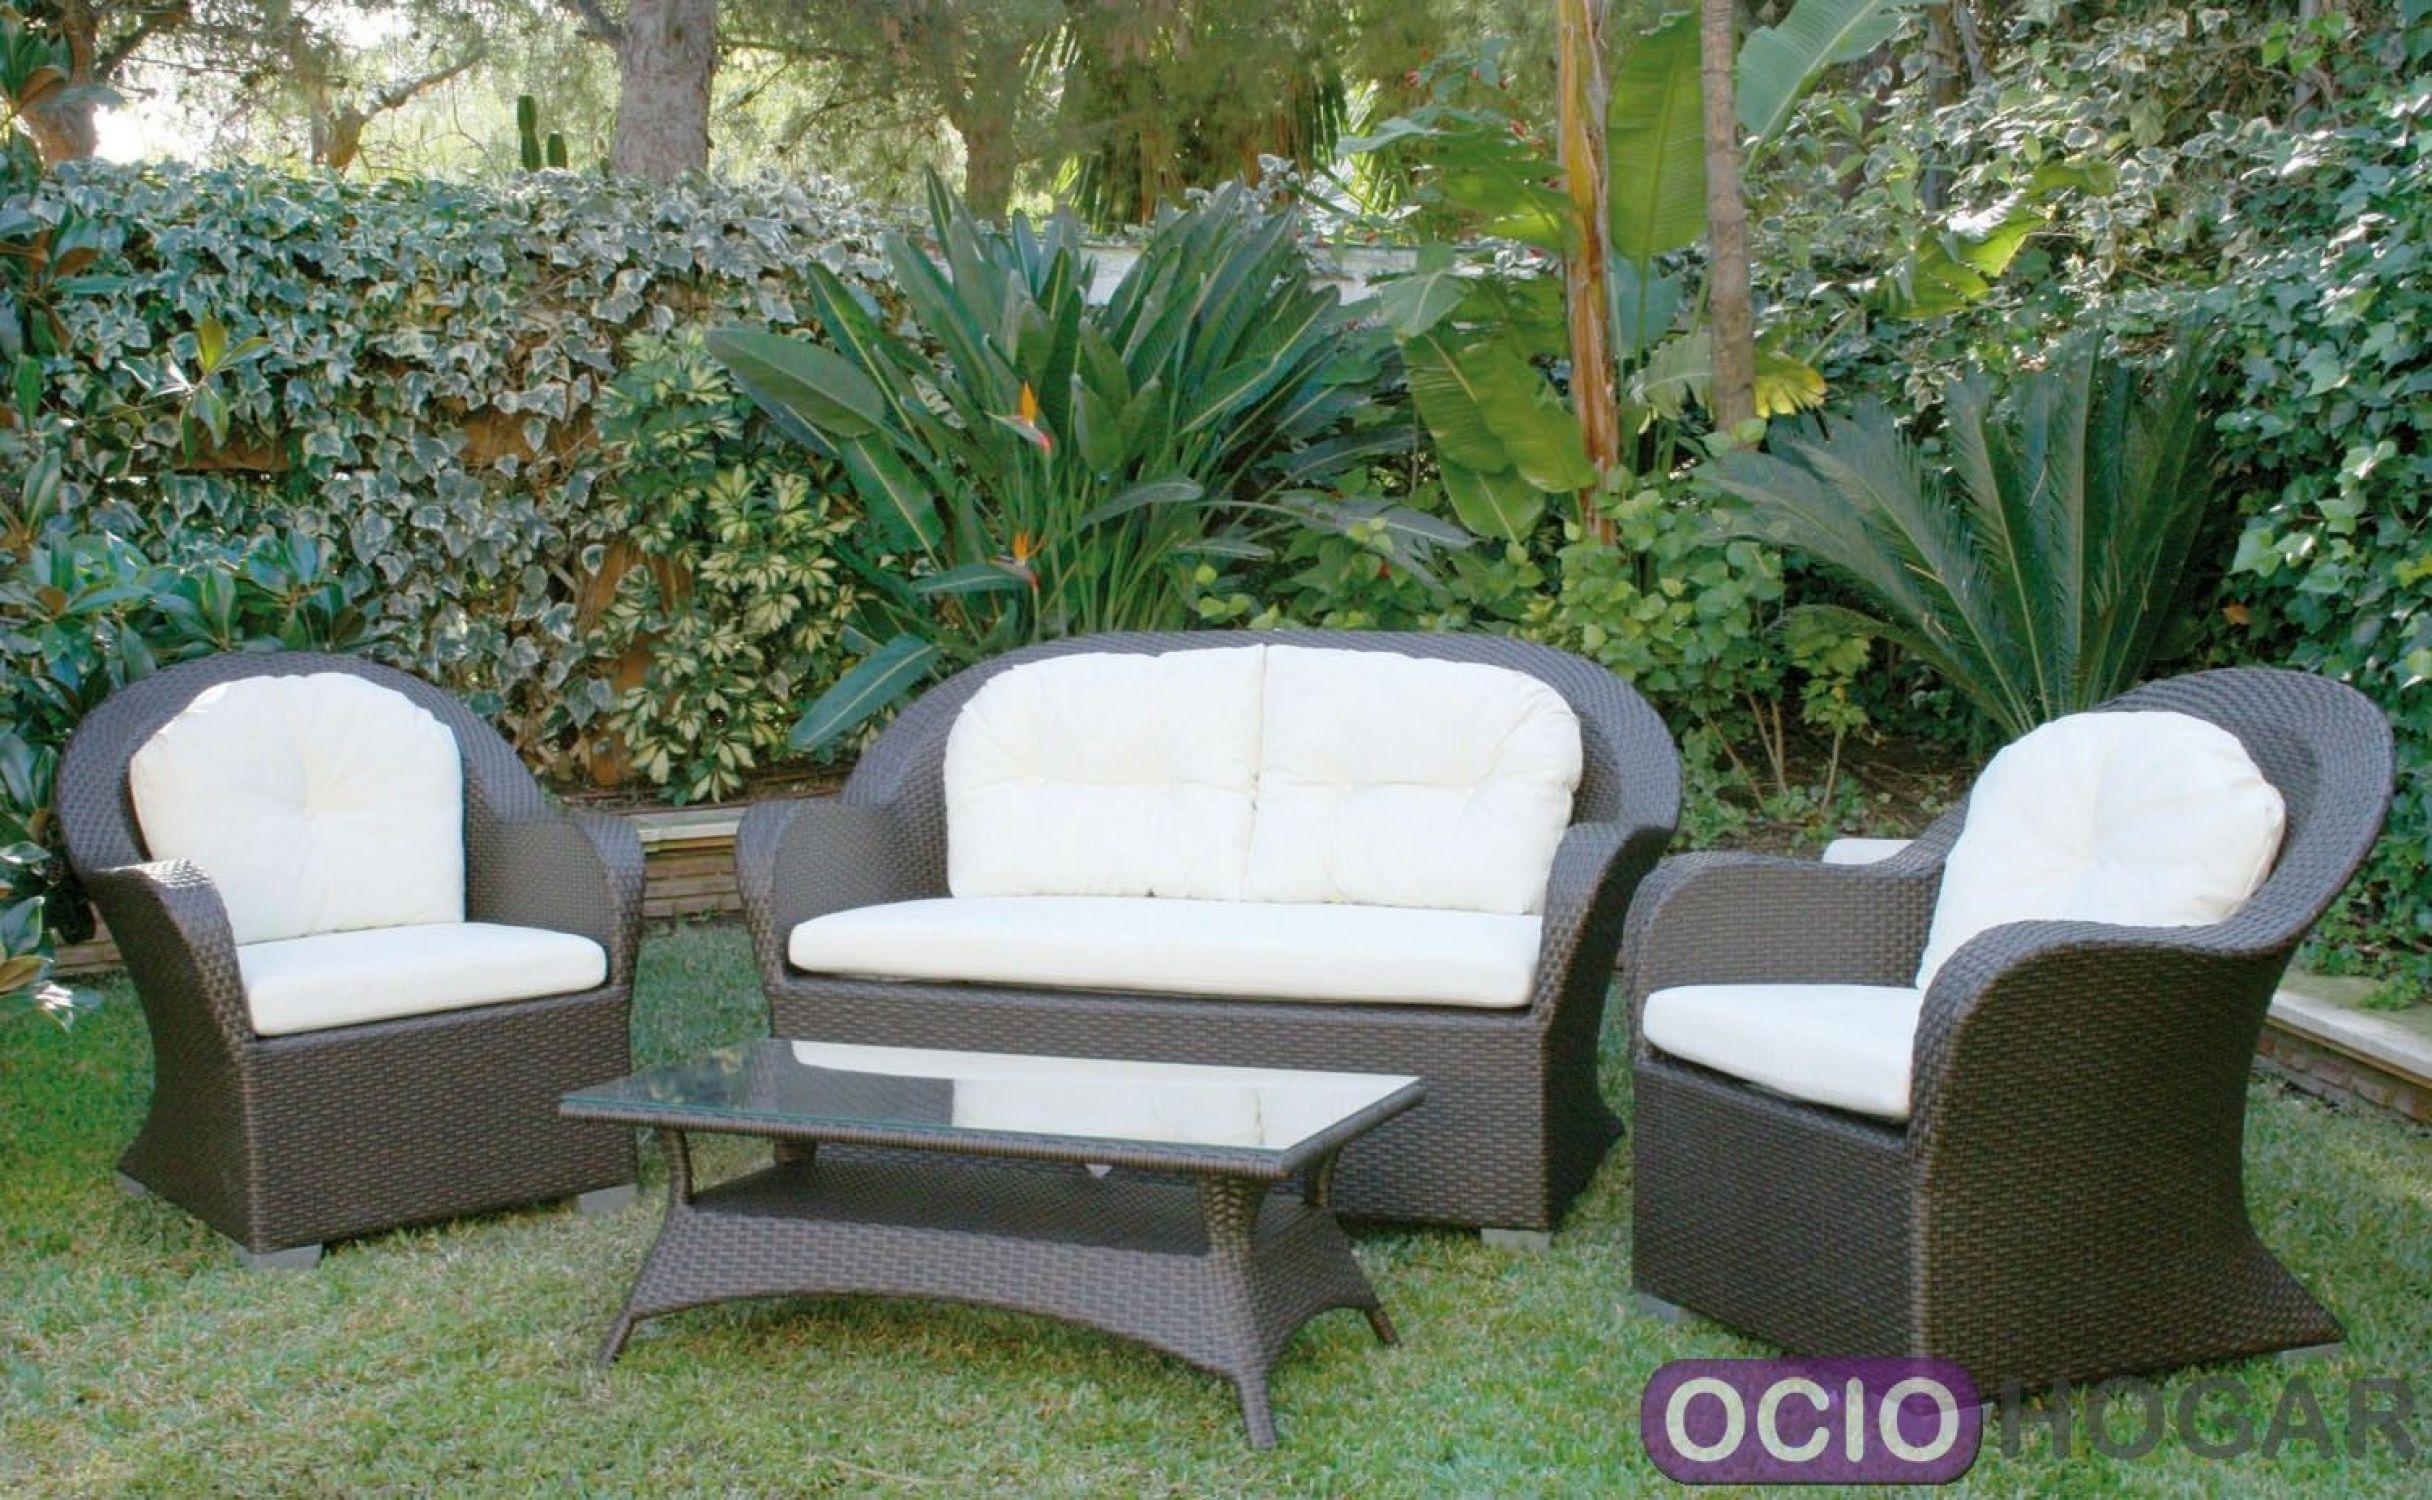 Conjunto de jard n formado por sof s sillones y mesa for Conjunto de sofas para exterior